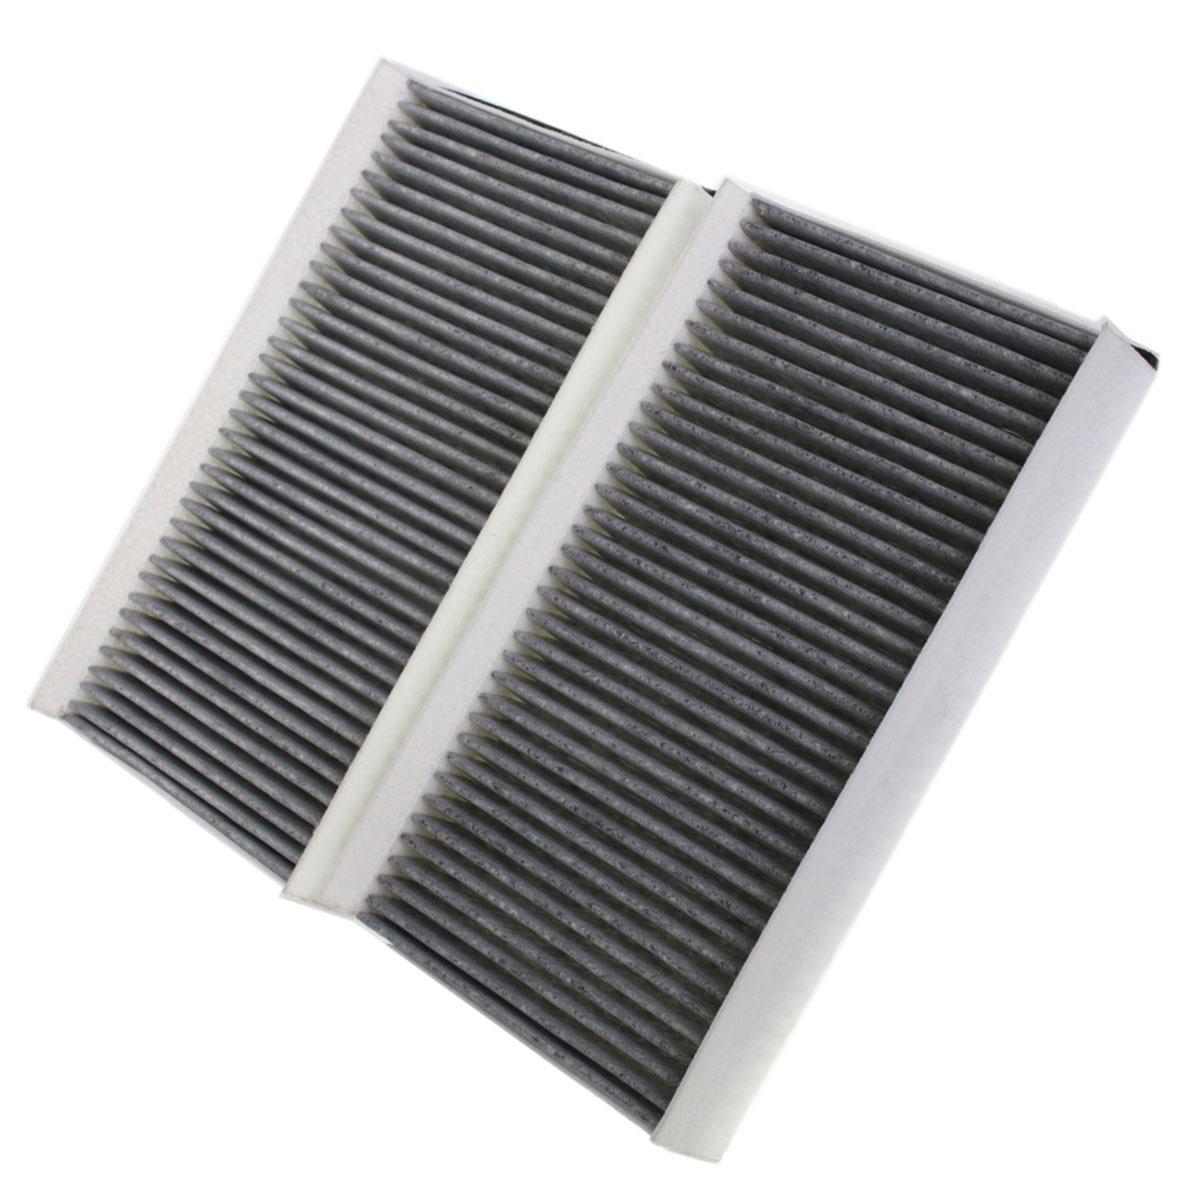 2er Set Aktivkohlefilter für BMW 5er (E60-E61) 6er (E63-E64), FK00113